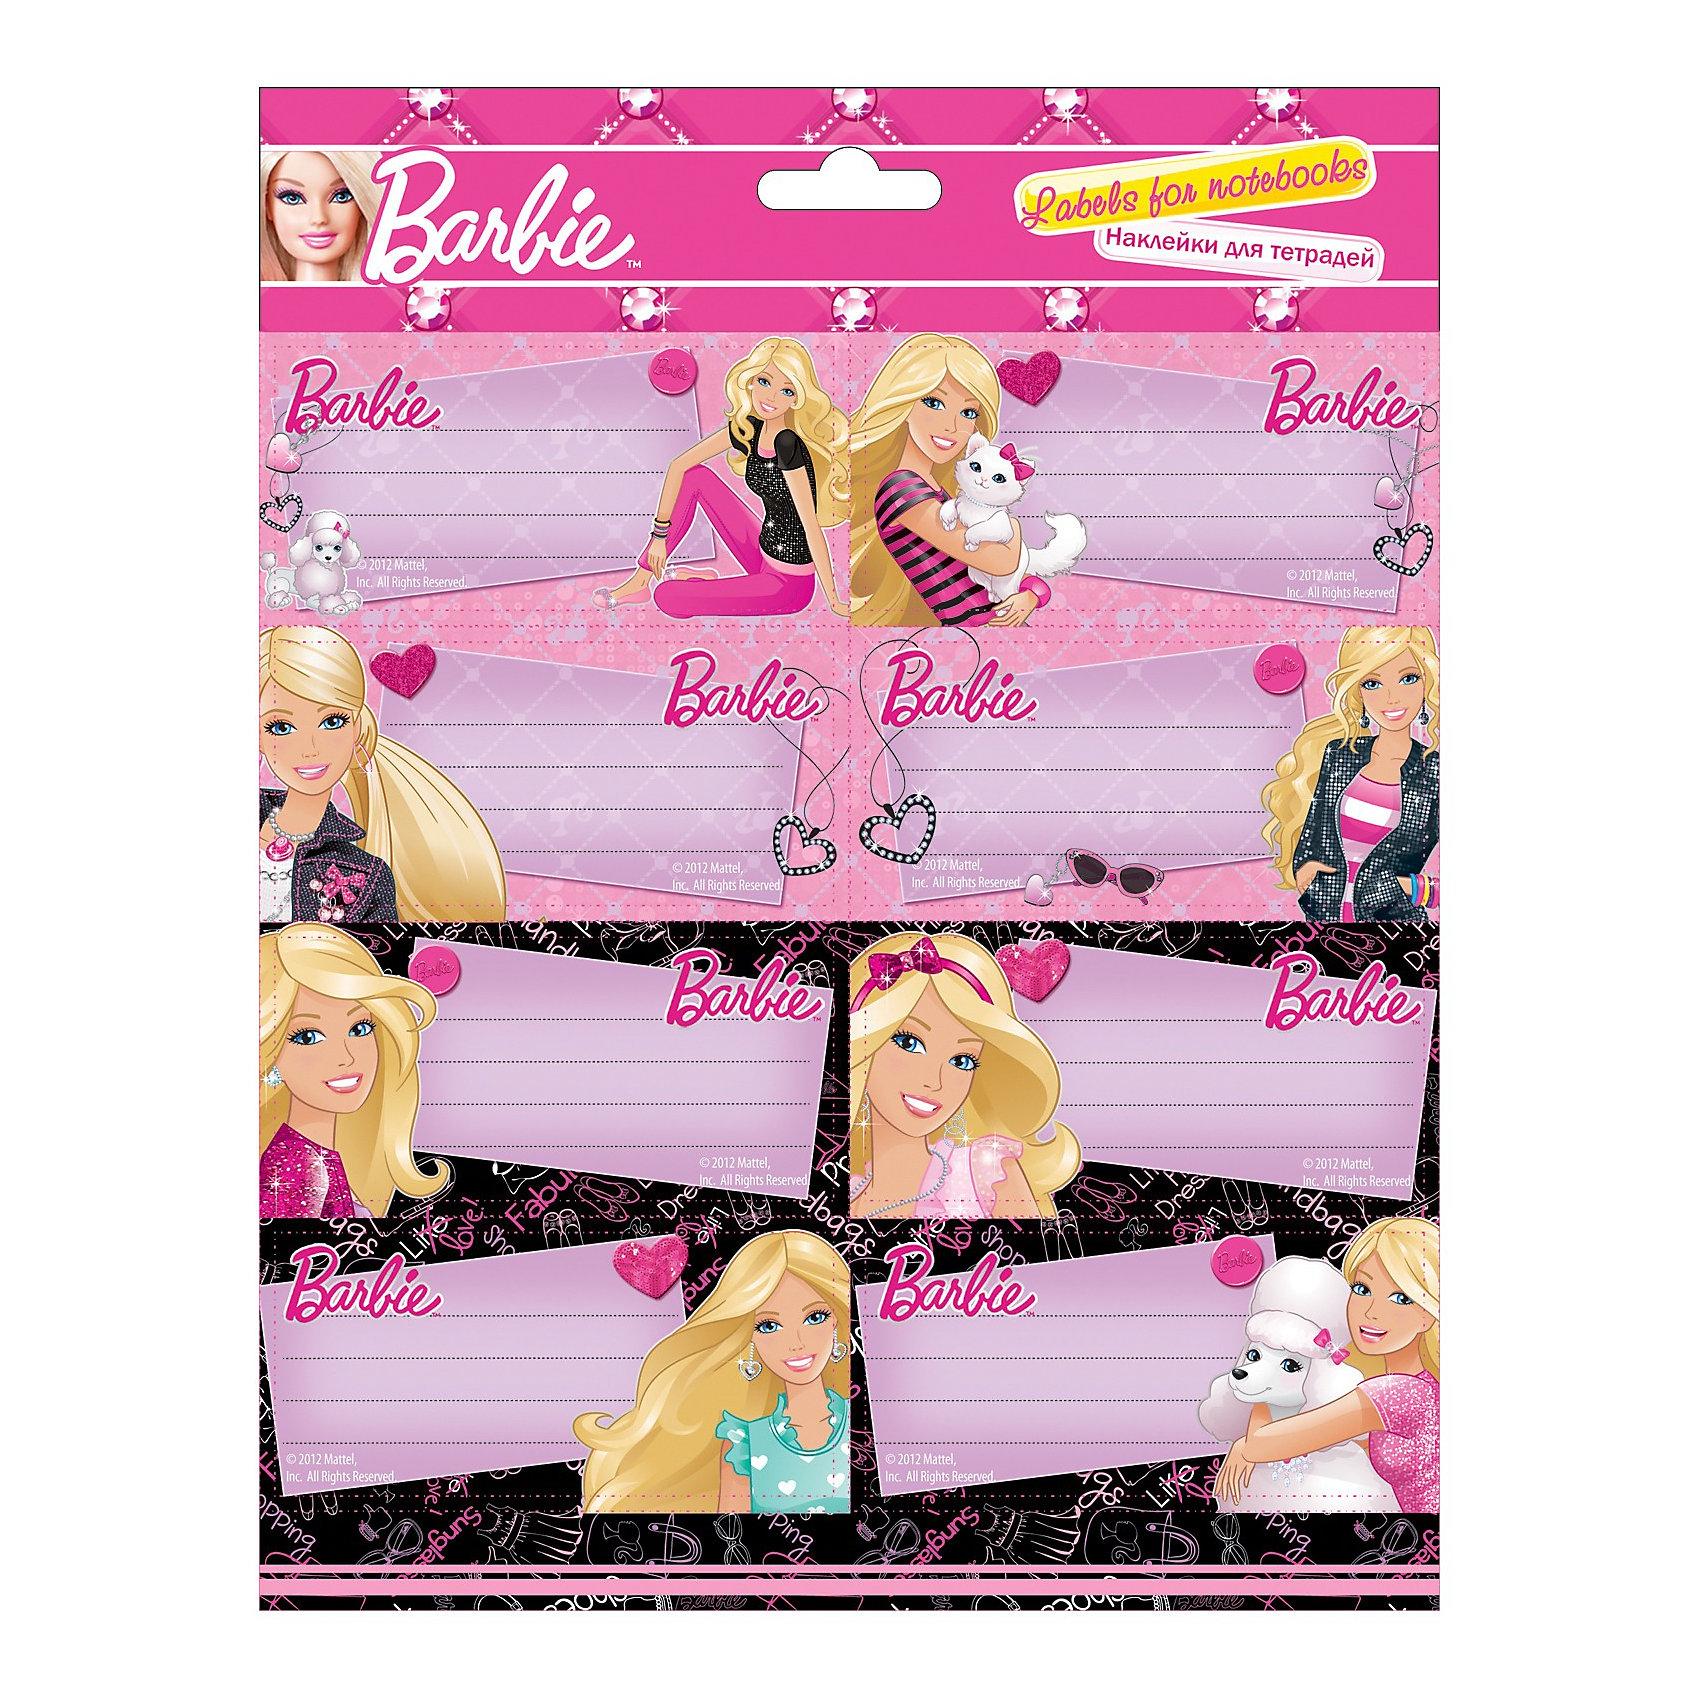 Barbie Наклейки для тетрадей, 77 x 39 мм, 2 листа по 8 шт.Наклейки для тетрадей с изображением Barbie (Барби) станет прекрасным помощником Вашей девочки в школе!<br><br>Дополнительная информация:<br><br>Размер: 77 x 39 мм, <br>2 листа по 8 шт. каждый, <br>картонная вкладка - 250 г/м2.<br><br>Станут приятными элементами украшения тетрадей и школьных папок!<br><br>Ширина мм: 770<br>Глубина мм: 390<br>Высота мм: 5<br>Вес г: 30<br>Возраст от месяцев: 96<br>Возраст до месяцев: 168<br>Пол: Женский<br>Возраст: Детский<br>SKU: 3291580